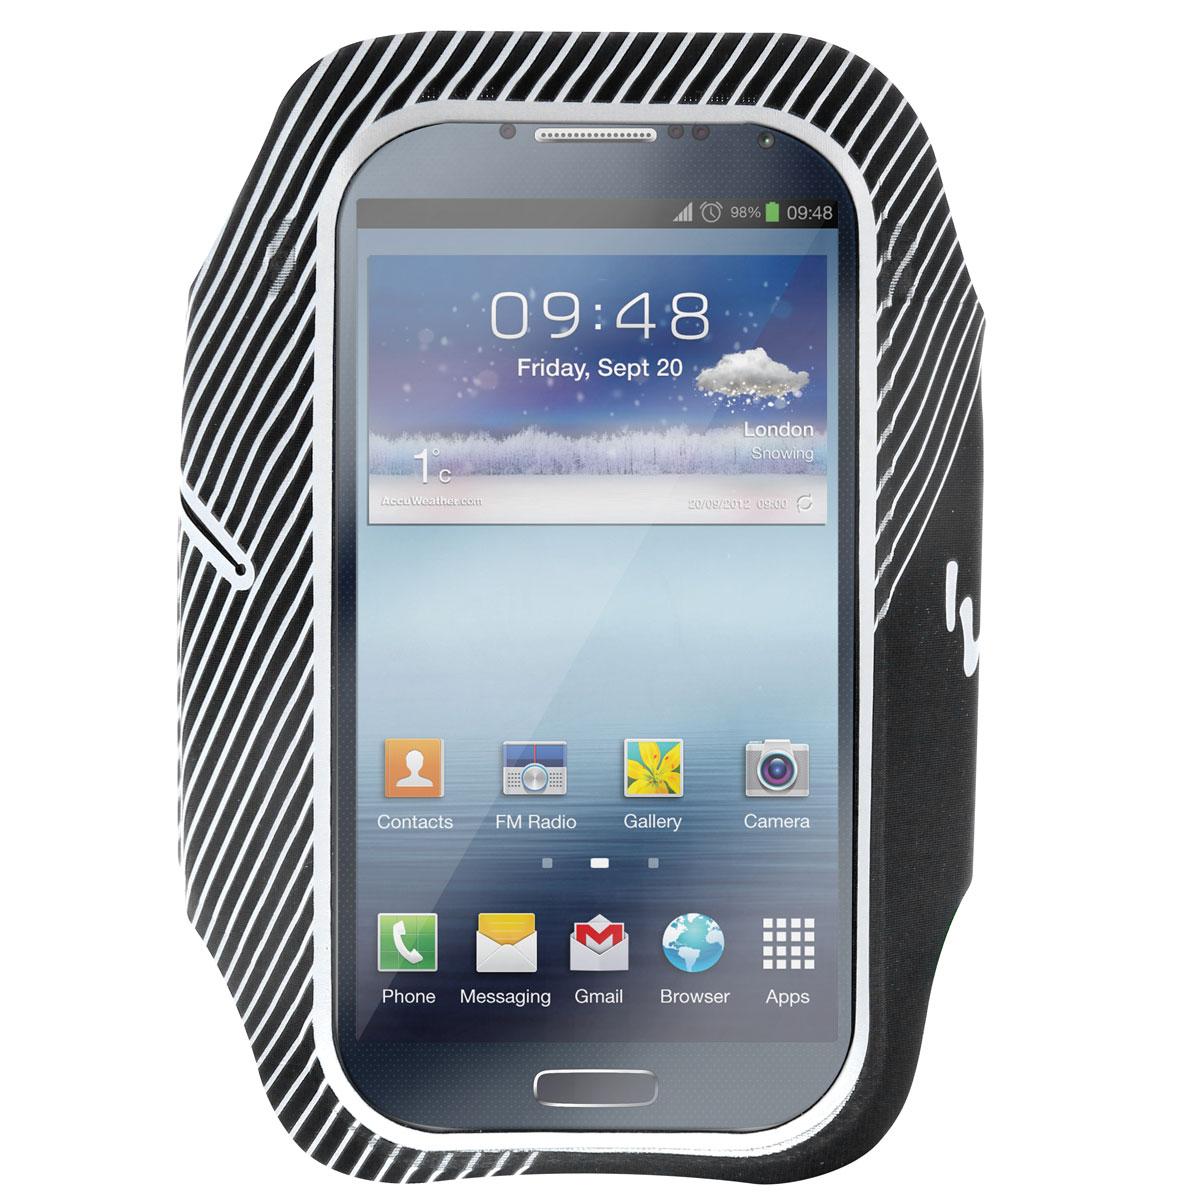 TNB SPARMBK чехол на руку для смартфонаSPARMBKУниверсальный чехол TNB SPARMBK предназначен для устройств диагональю до 5 дюймов. Защитит устройство во время занятий спортом. Полное функционирование сенсорного экрана.